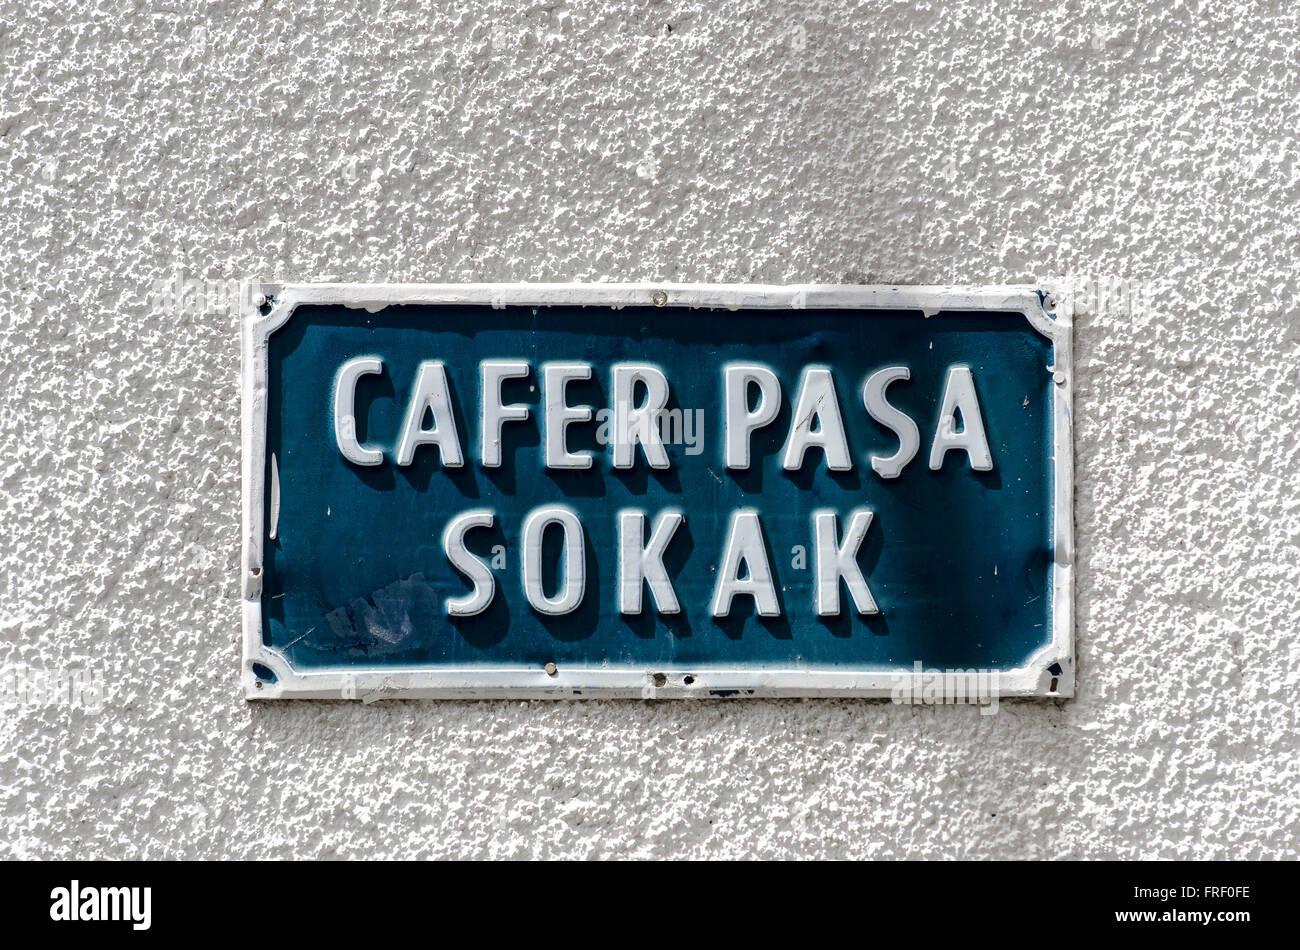 Signo de la calle en la ciudad de Kyrenia, en el norte de Chipre. Foto de stock